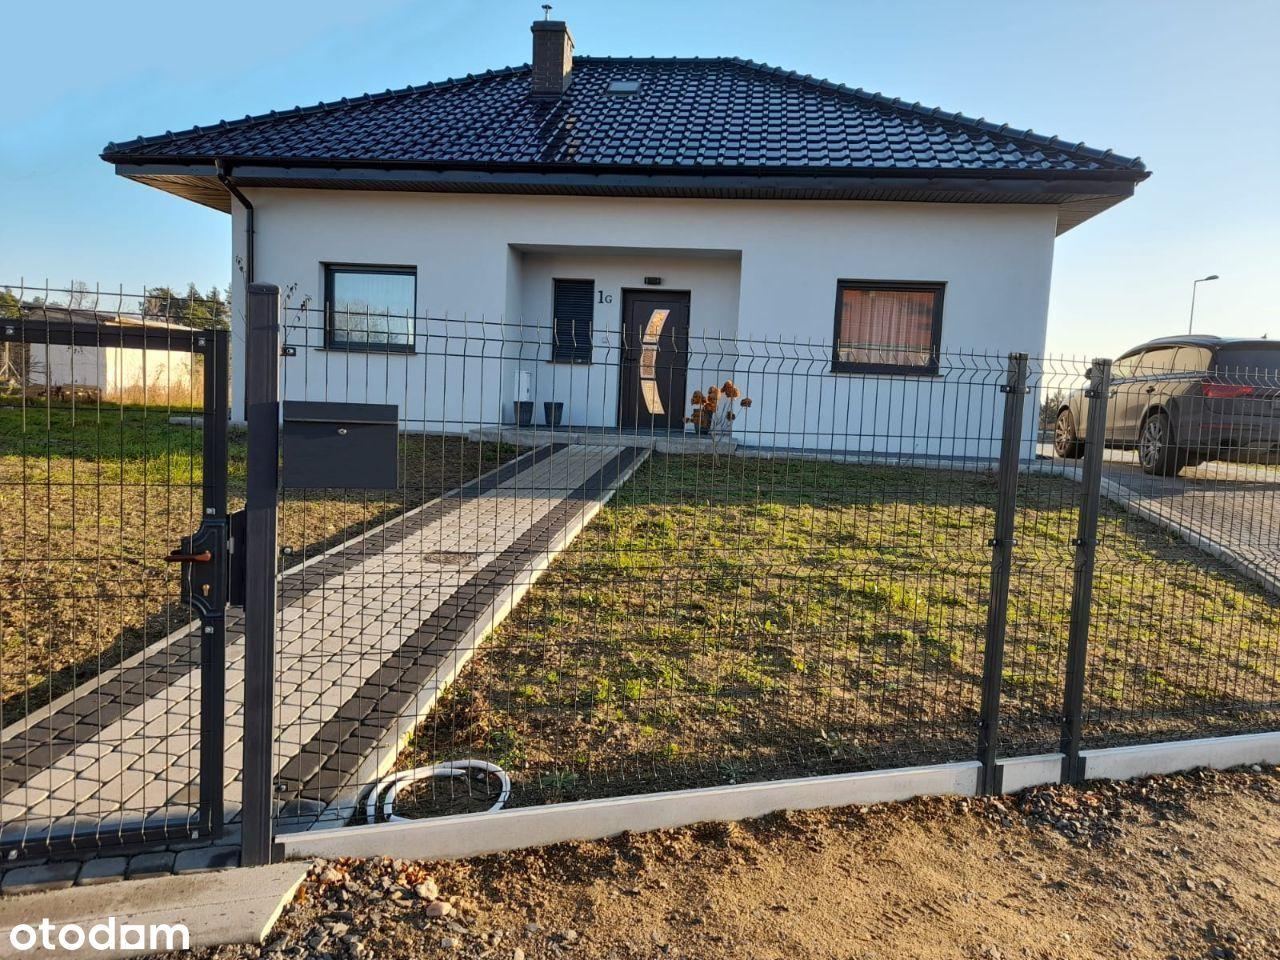 Dom jednorodzinny z keramzytu - Lubin